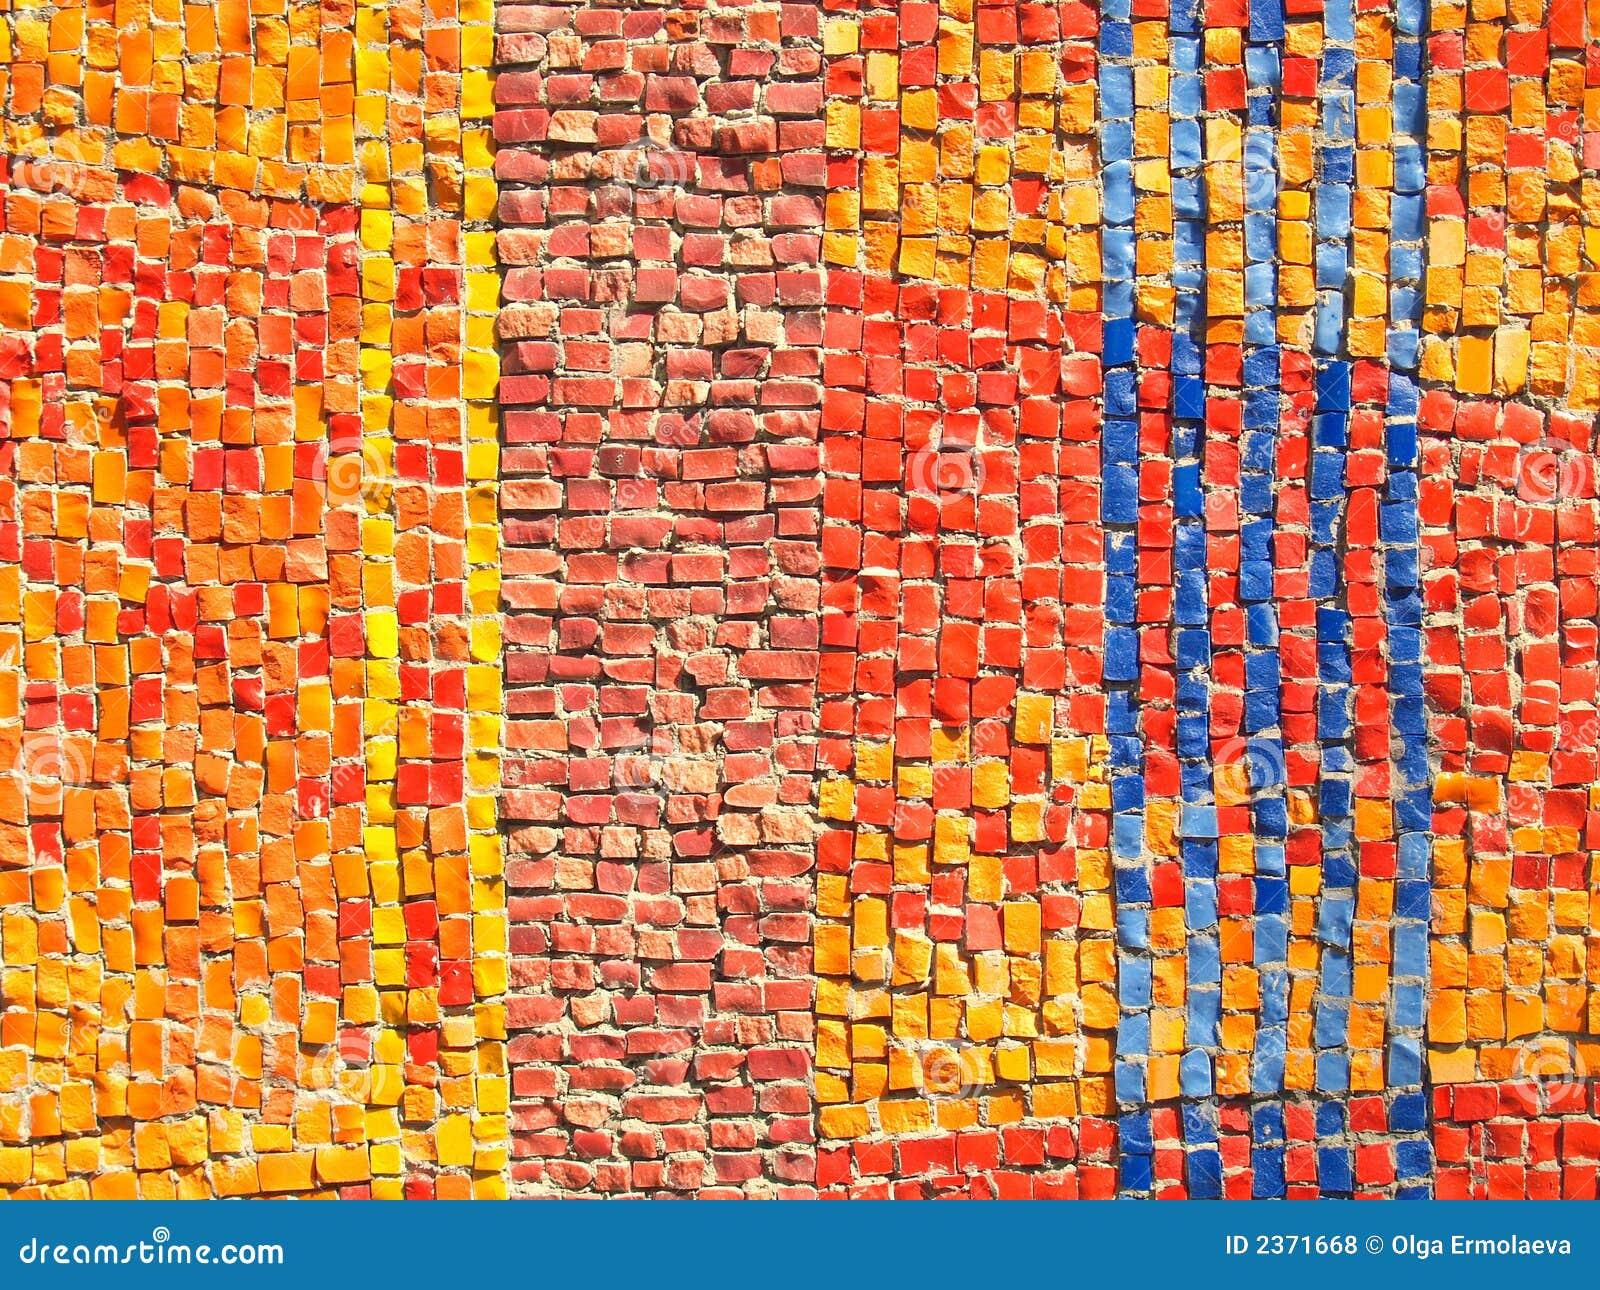 El color embaldosa textura de mosaico foto de archivo - Mosaicos de colores ...